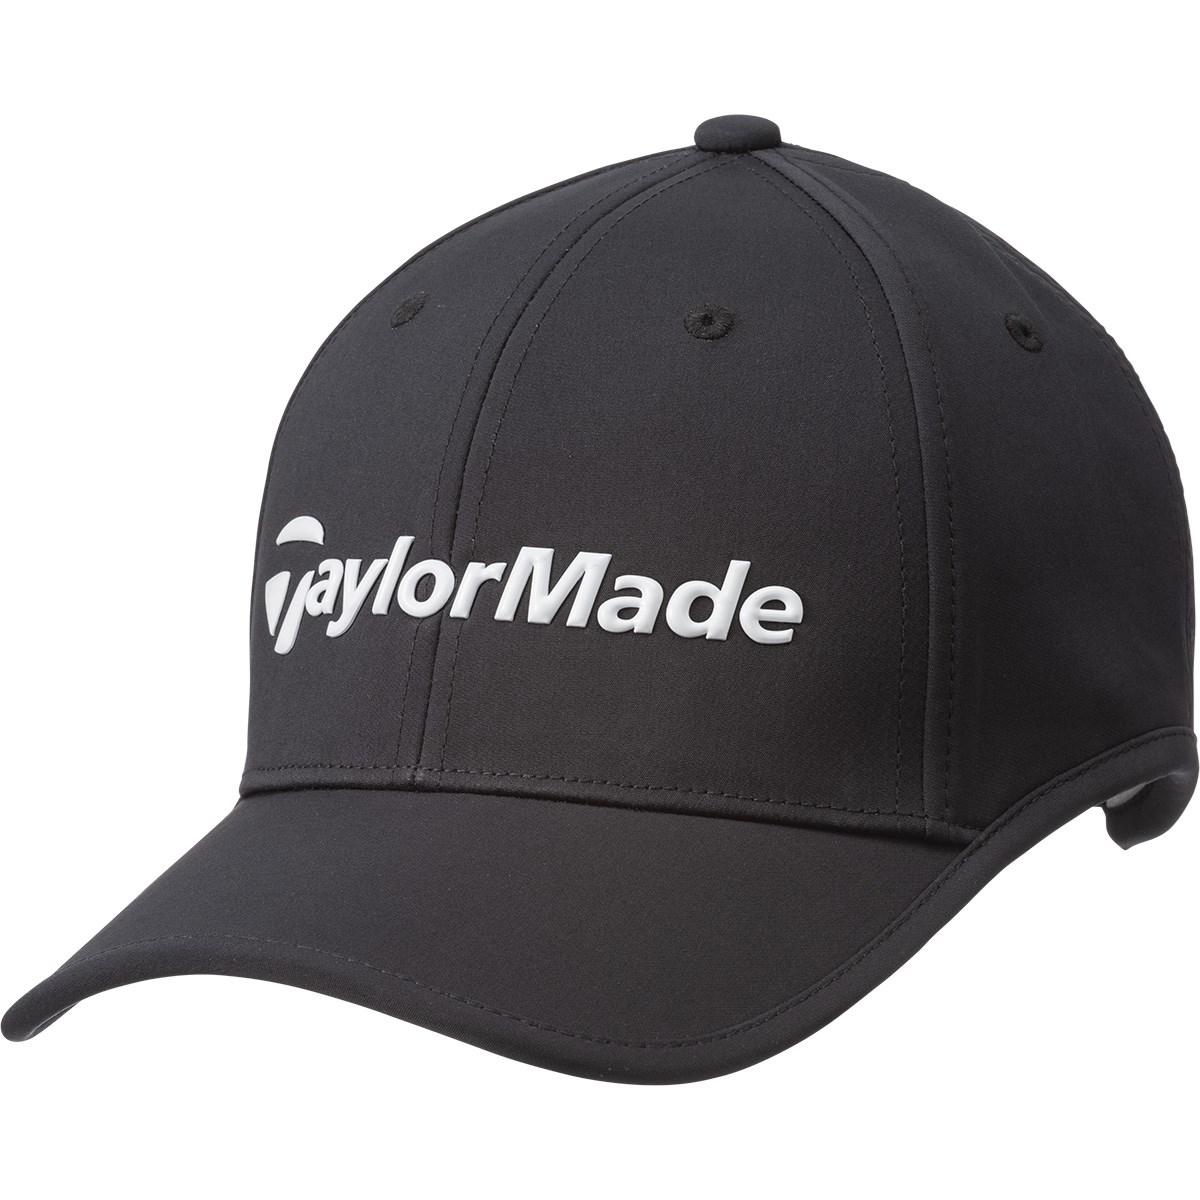 テーラーメイド Taylor Made ロゴキャップ フリー ブラック レディス